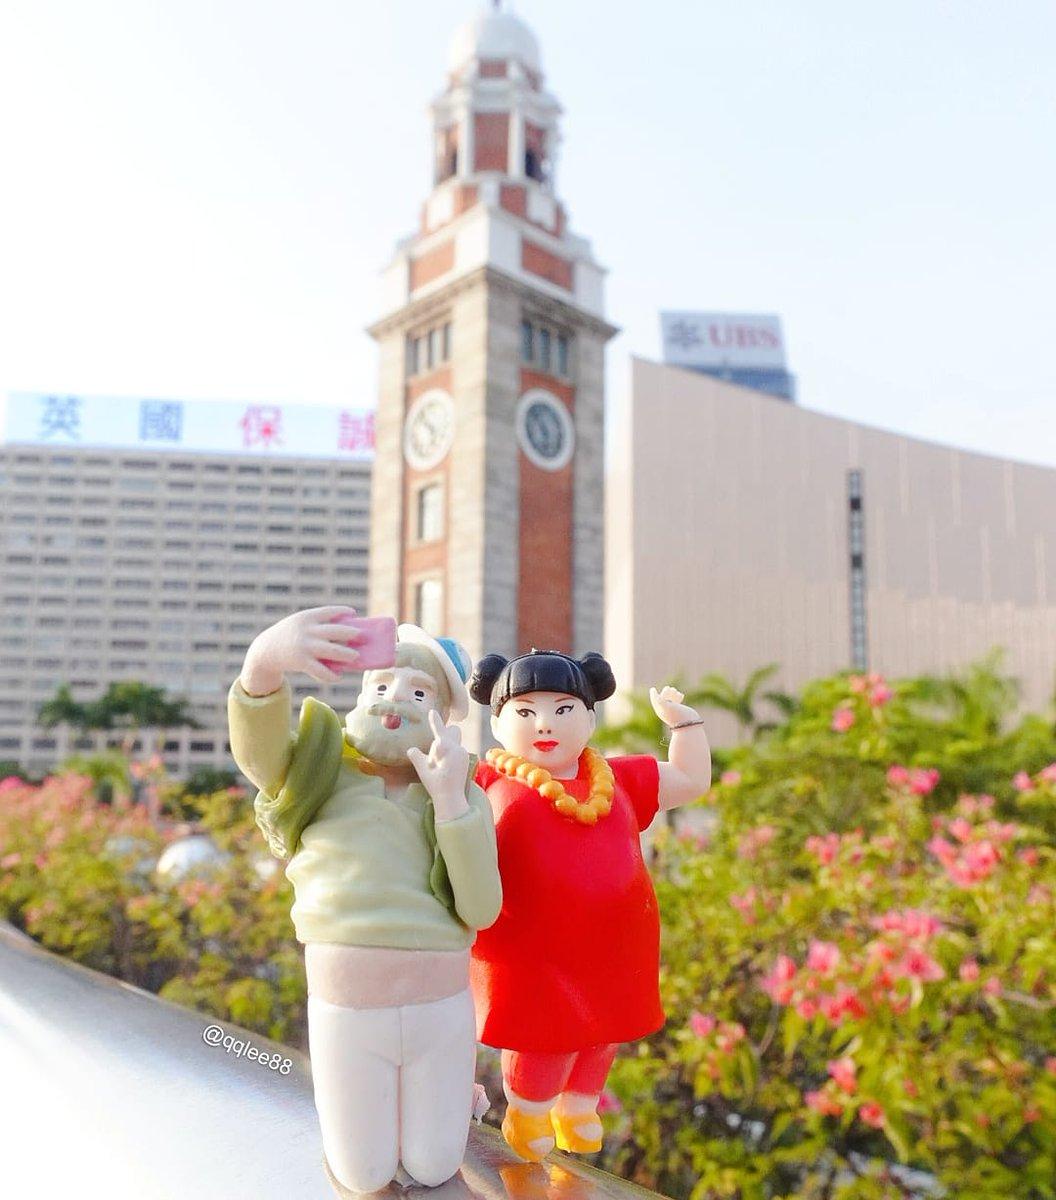 8月22日 #はいチーズの日 1...2...3... 笑📸  #はいチーズ #hongkong #香港 #尖沙咀鐘樓  #渡辺直美  #今日は何の日 #フチ子 #fuchiko #fuchico #杯緣子 #ol人形  #リーメント #rement #ぷちサンプル #食玩  #扭蛋 #ガチャガチャ https://t.co/vtSfVgq48y